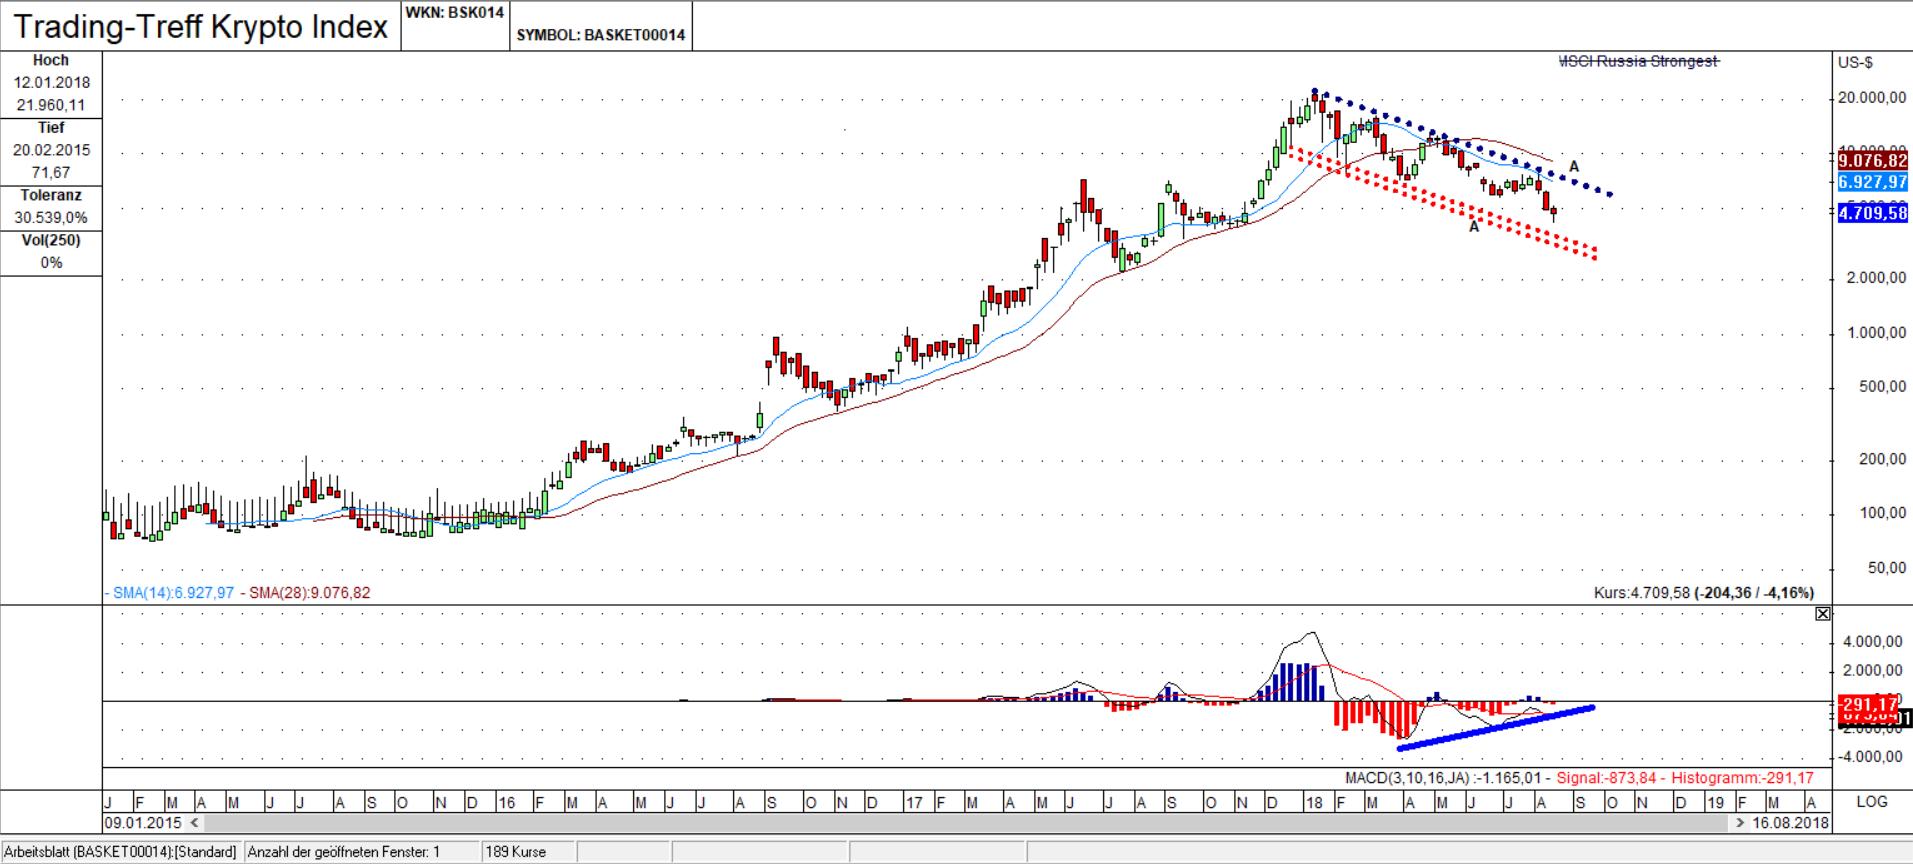 Trading-Treff Krypto Index Wochen Chart